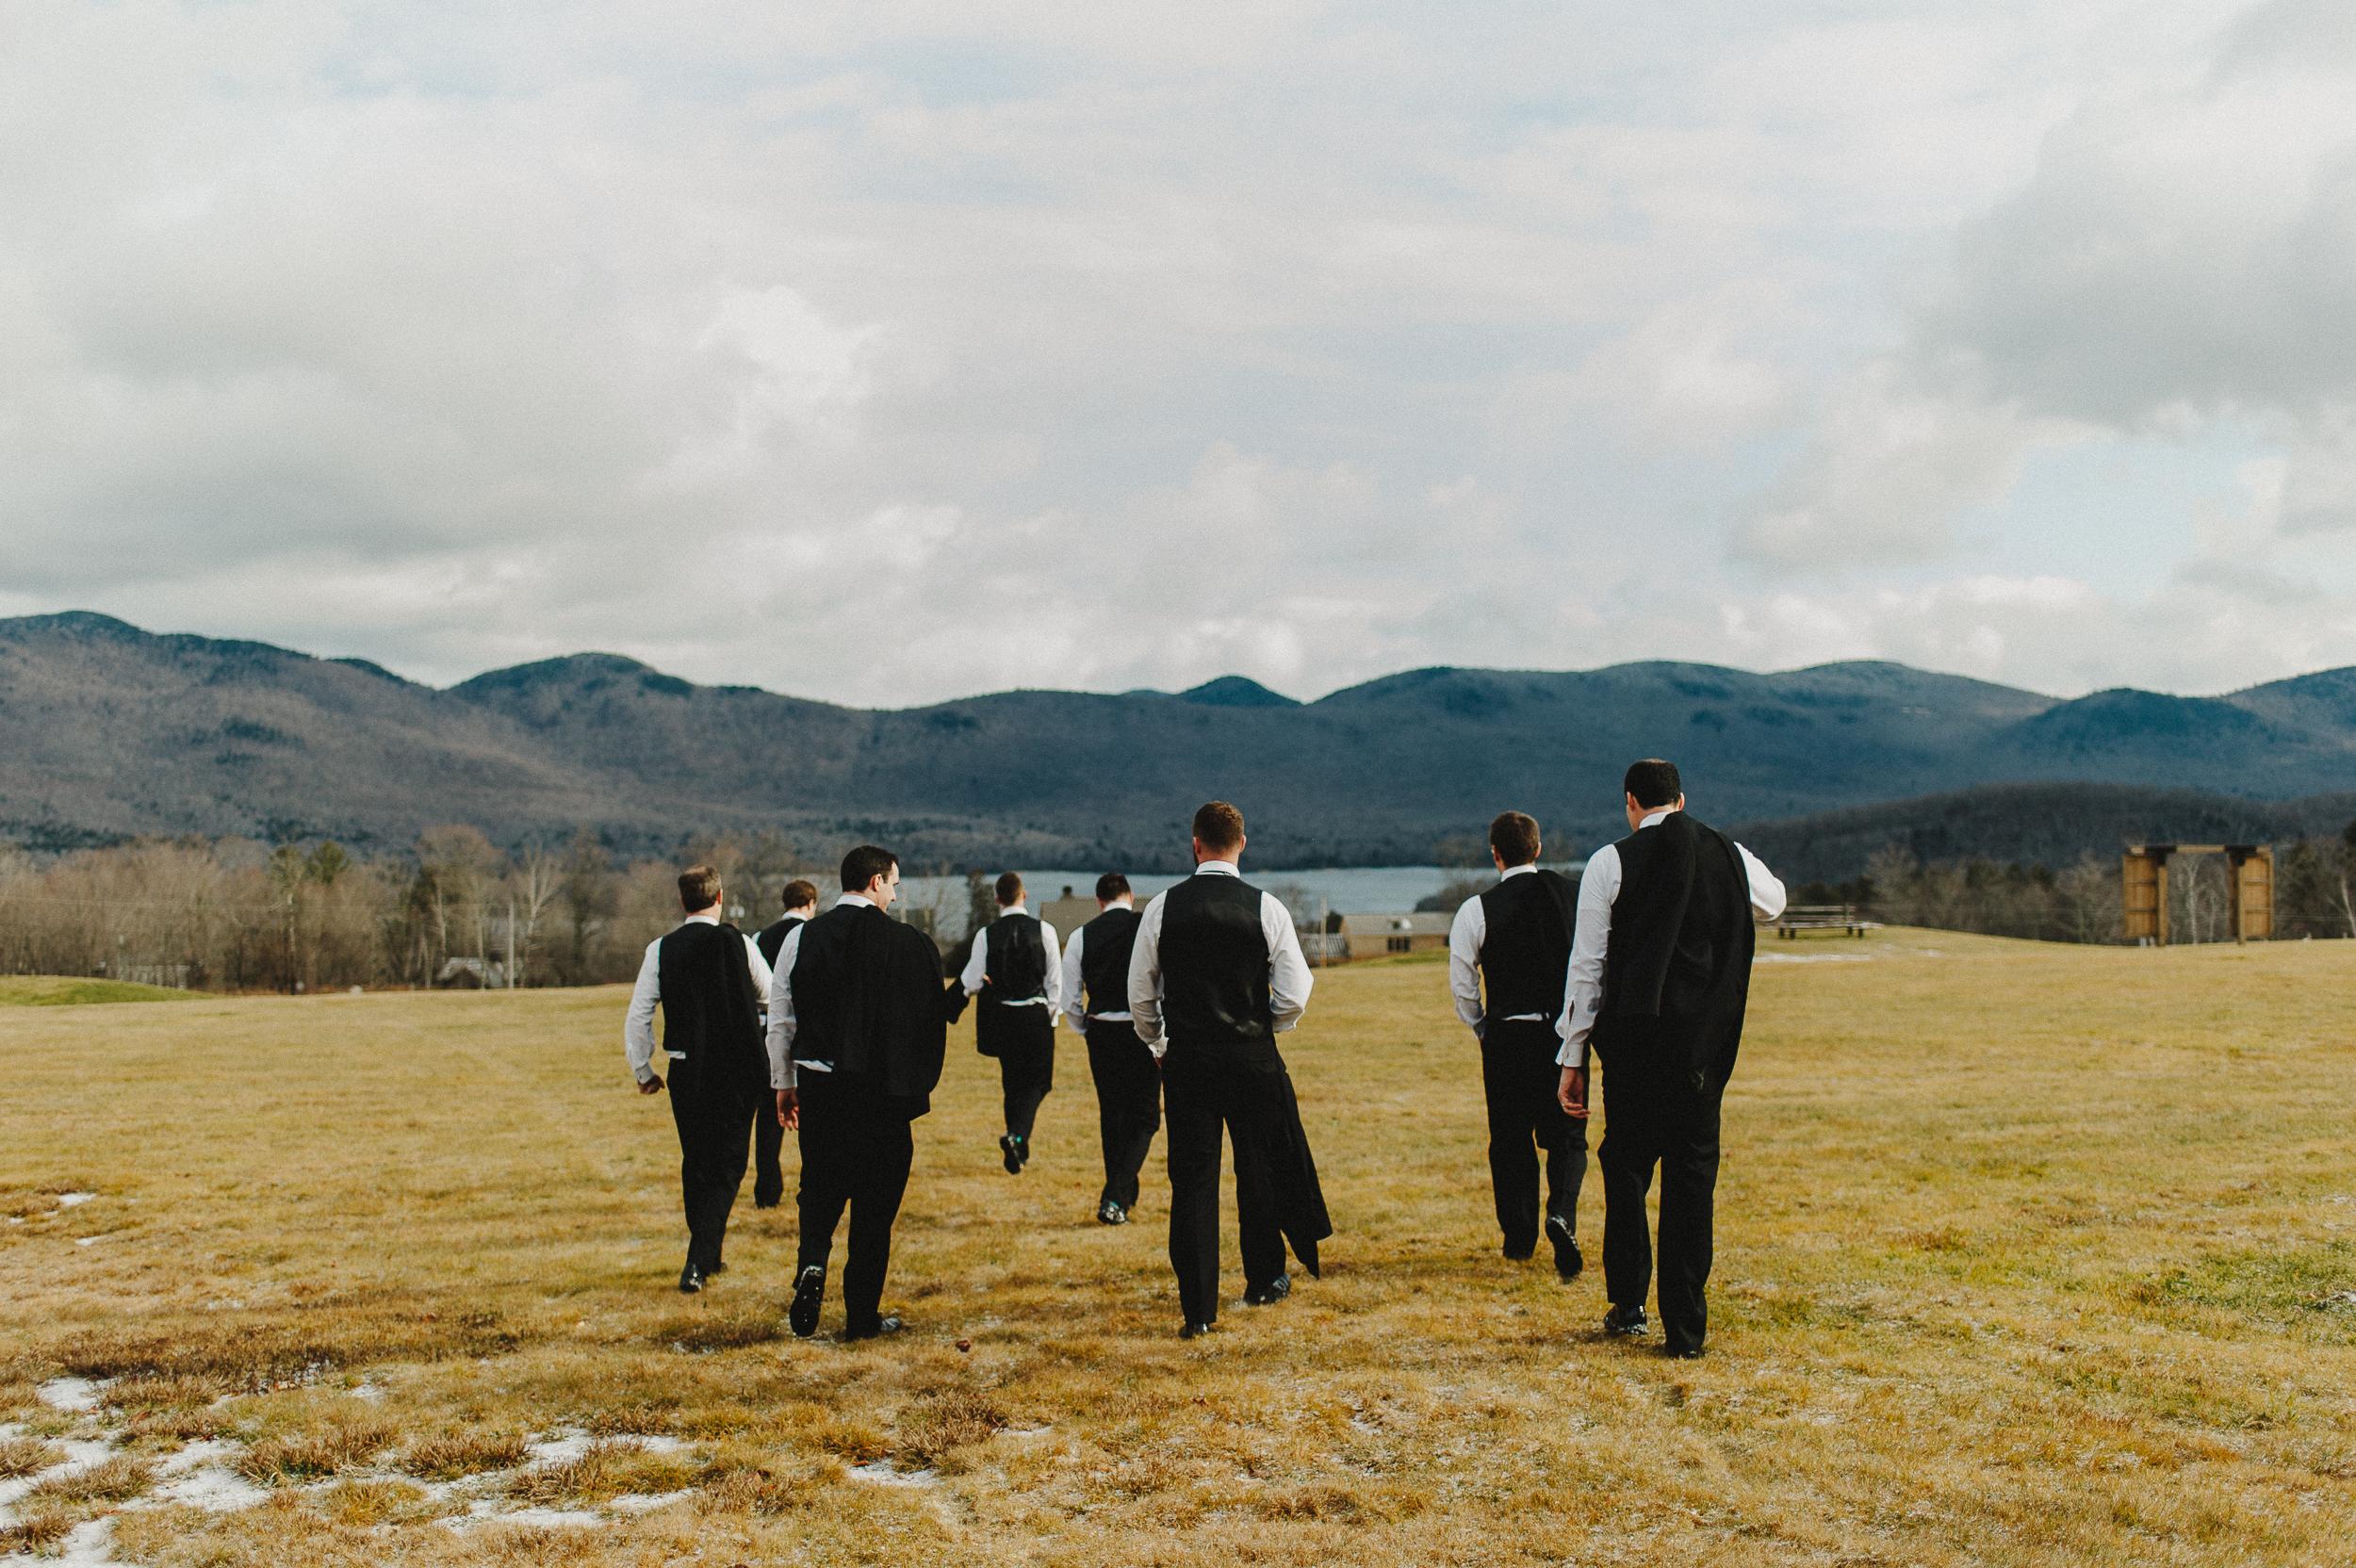 vermont-destination-wedding-photographer-11.jpg